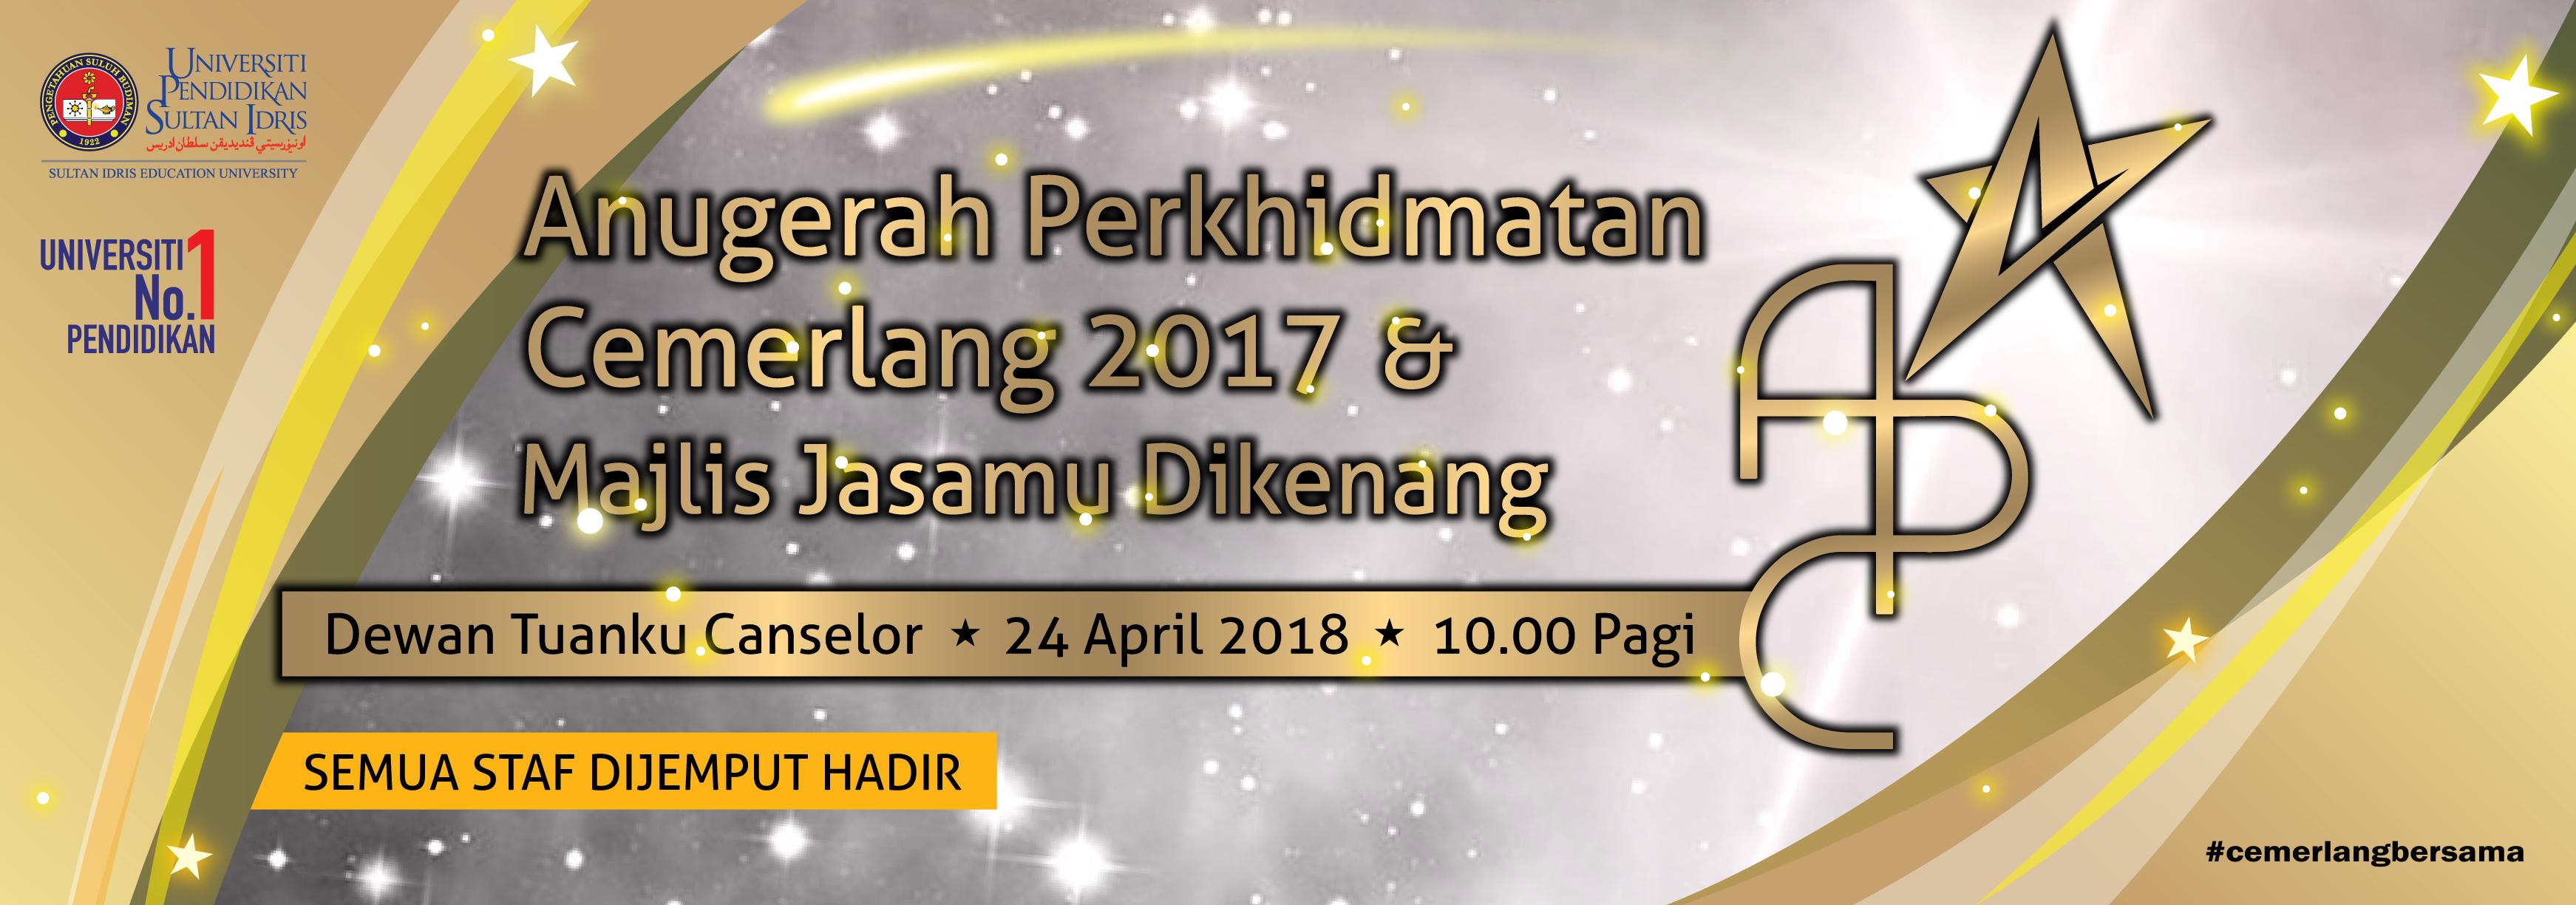 Anugerah Perkhidmatan Cemerlang 2017 E Pena Gapura Media Upsi